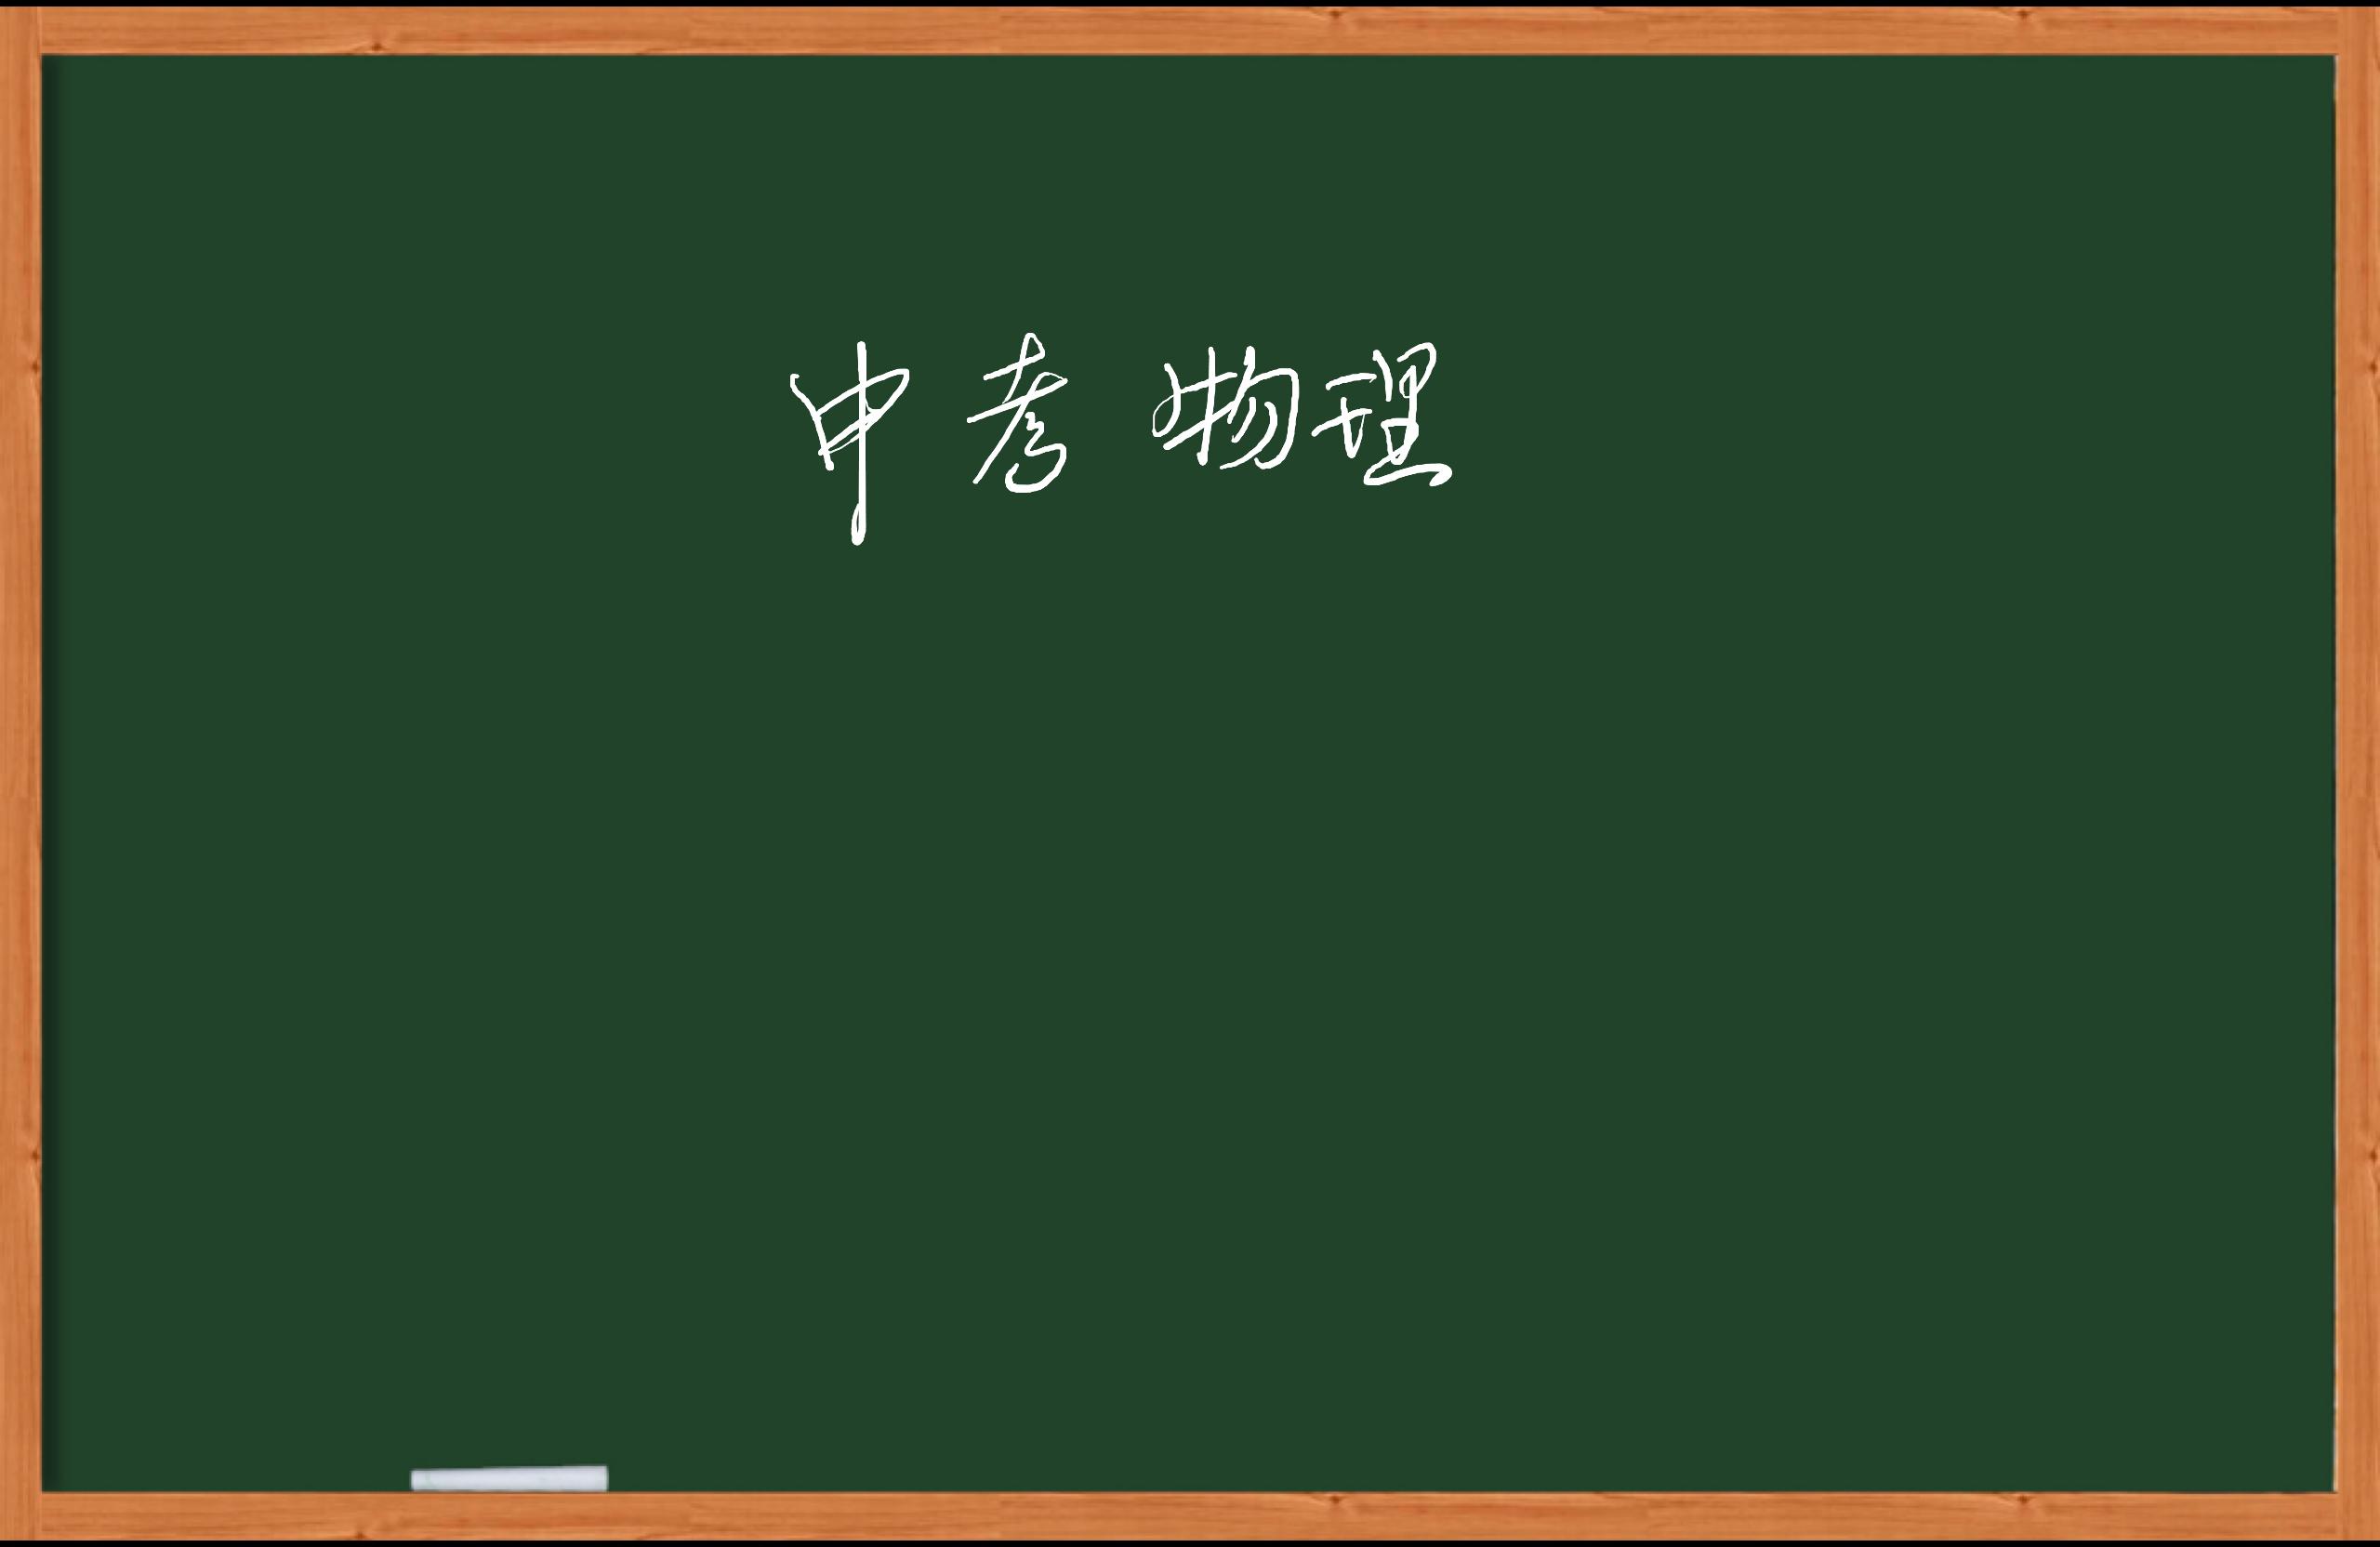 初中物理-声现象-虎斑教育